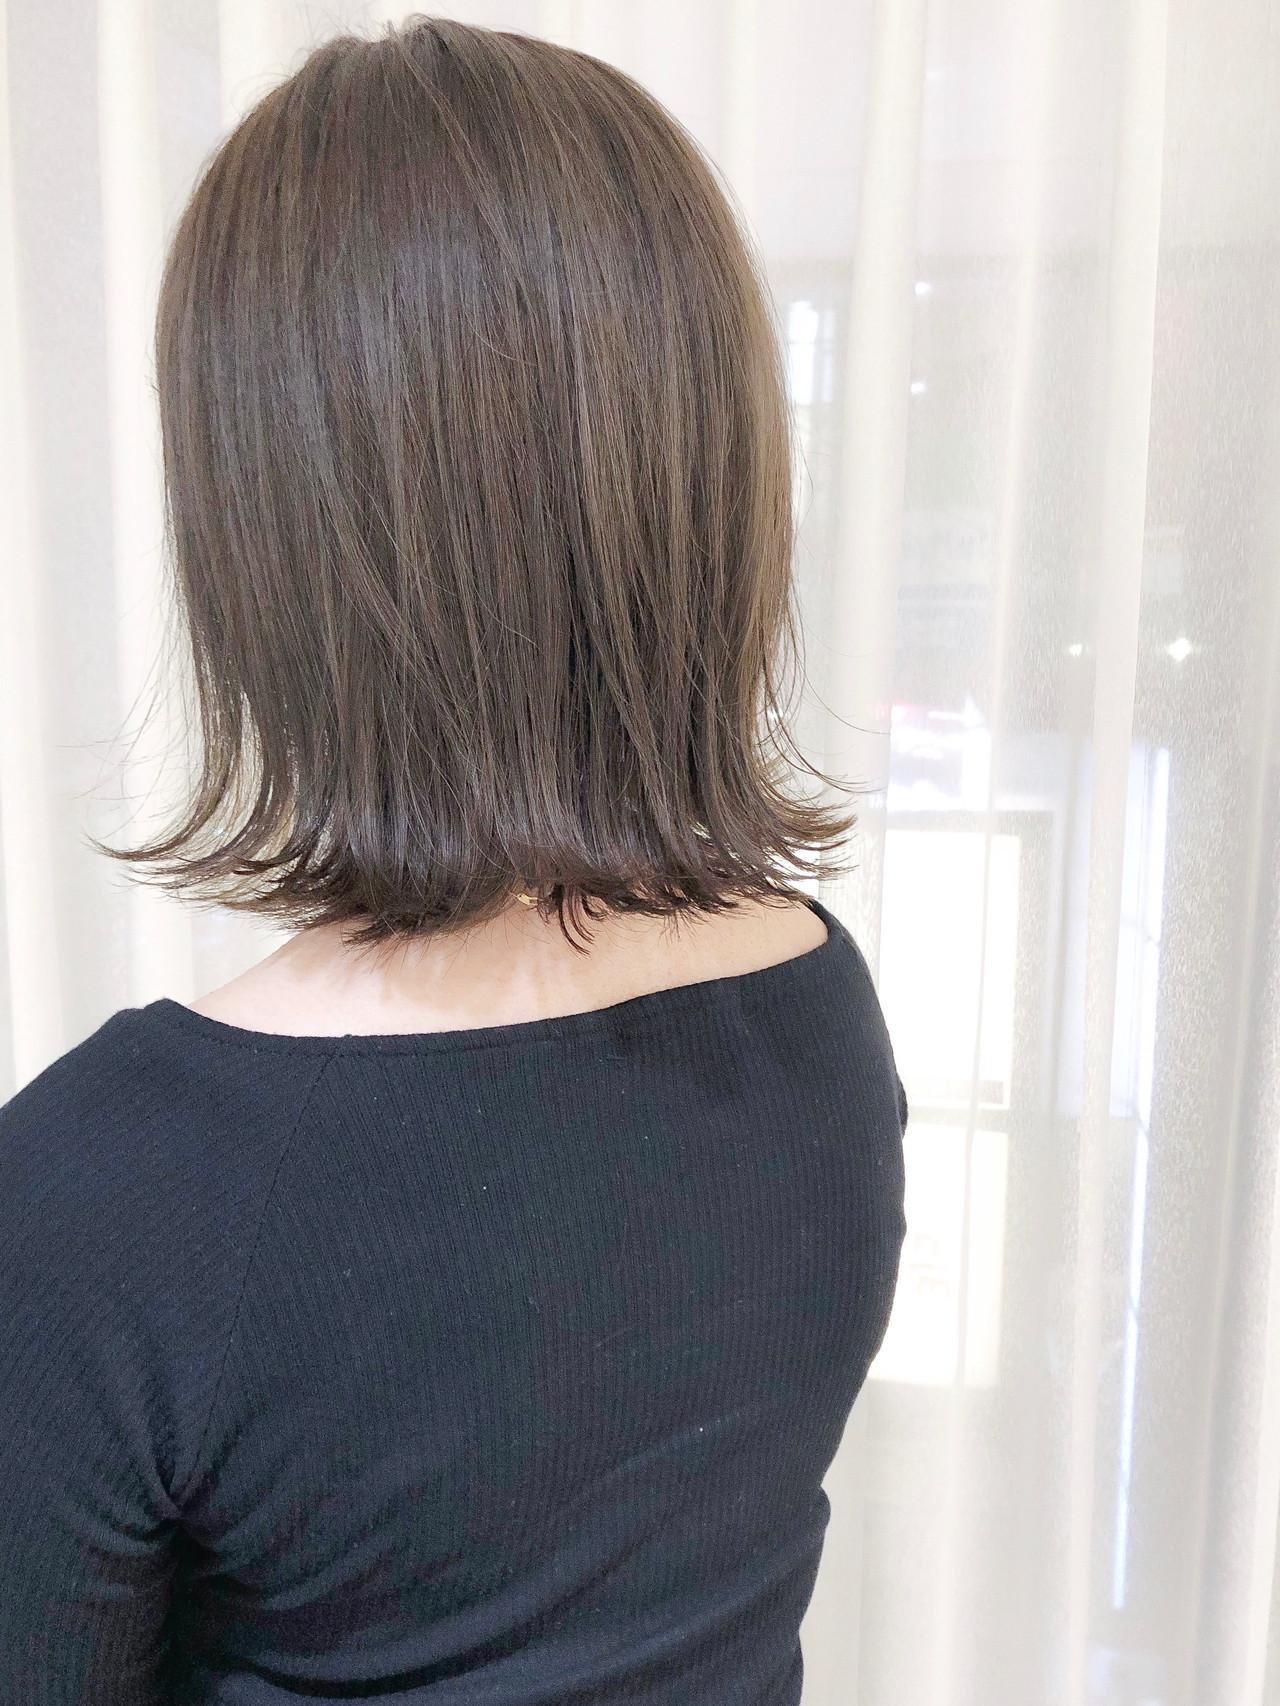 透明感カラー ボブ オリーブアッシュ オリーブグレージュ ヘアスタイルや髪型の写真・画像